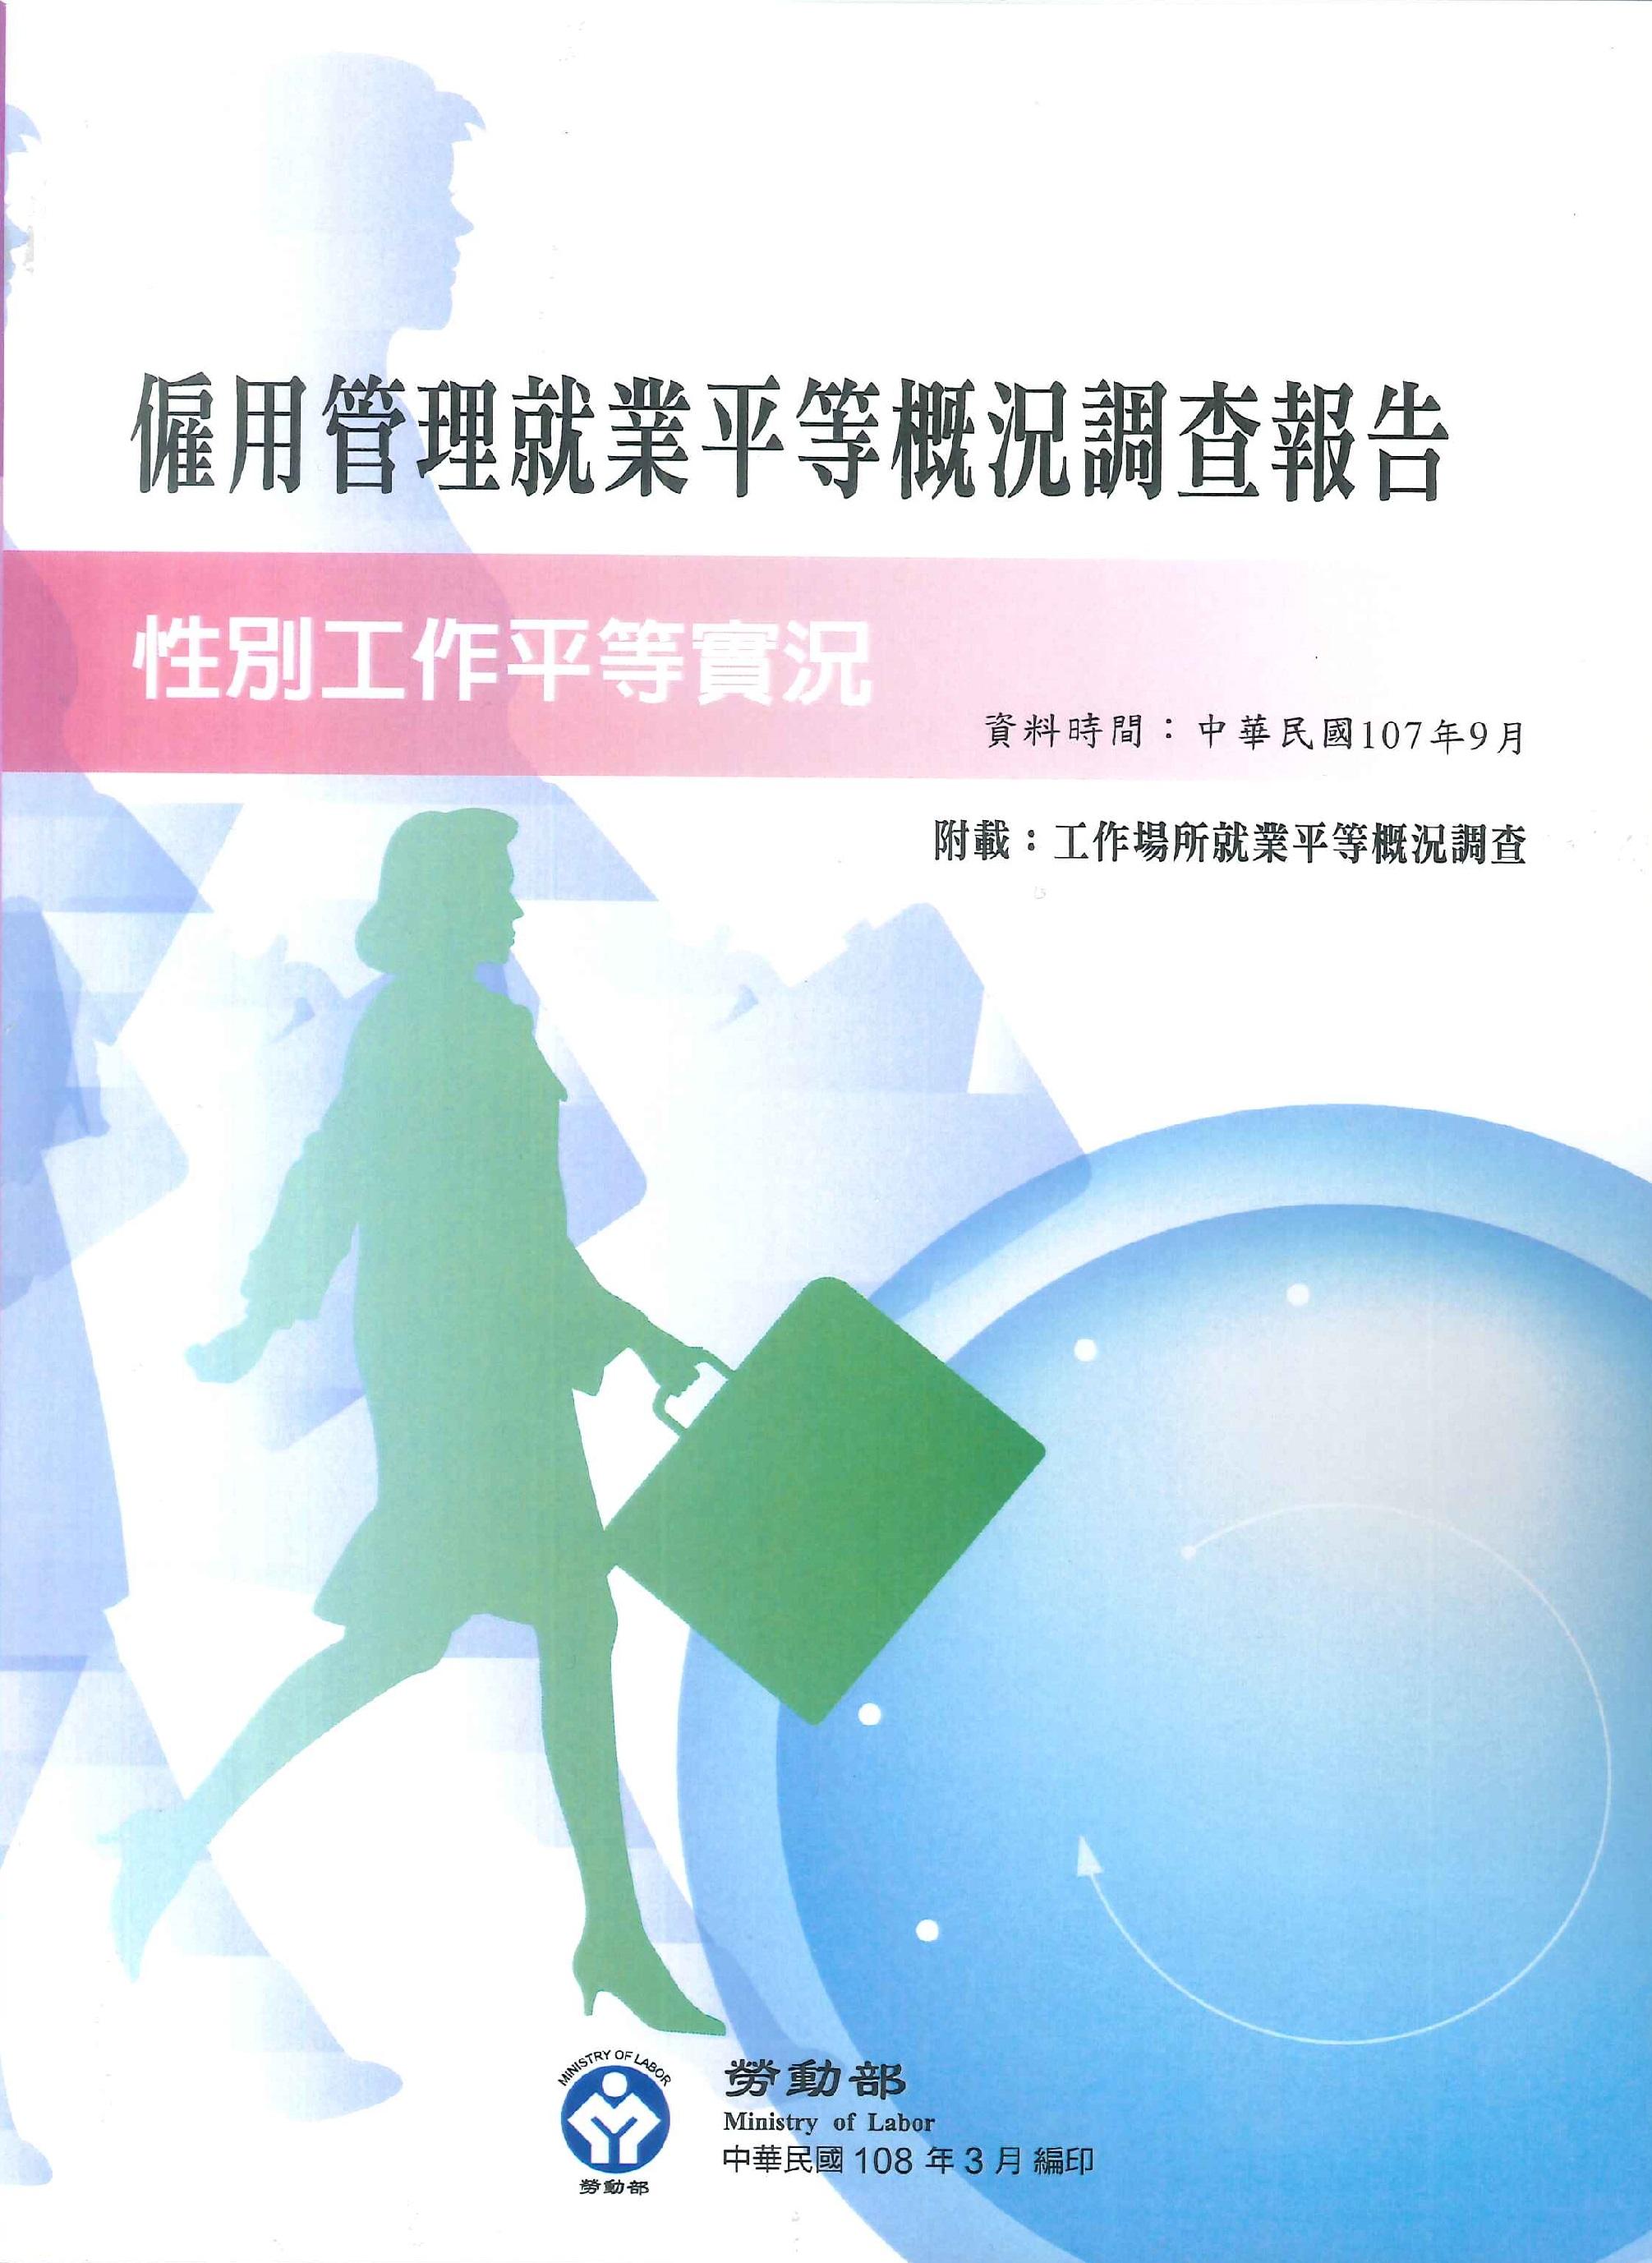 僱用管理就業平等概況調查報告:性別工作平等實況